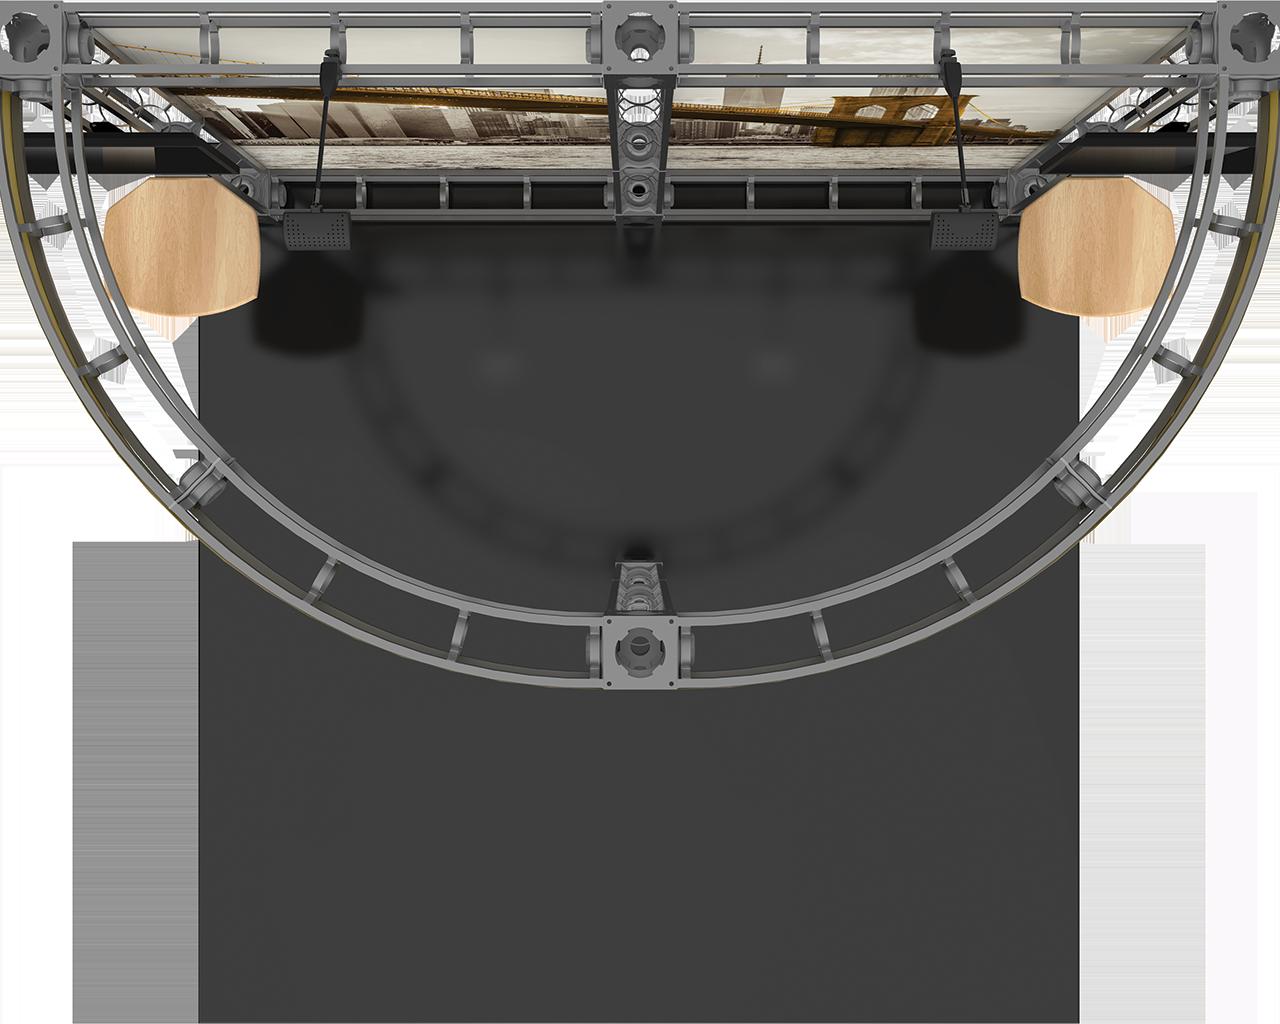 Clio 10 x 10 Orbital Truss